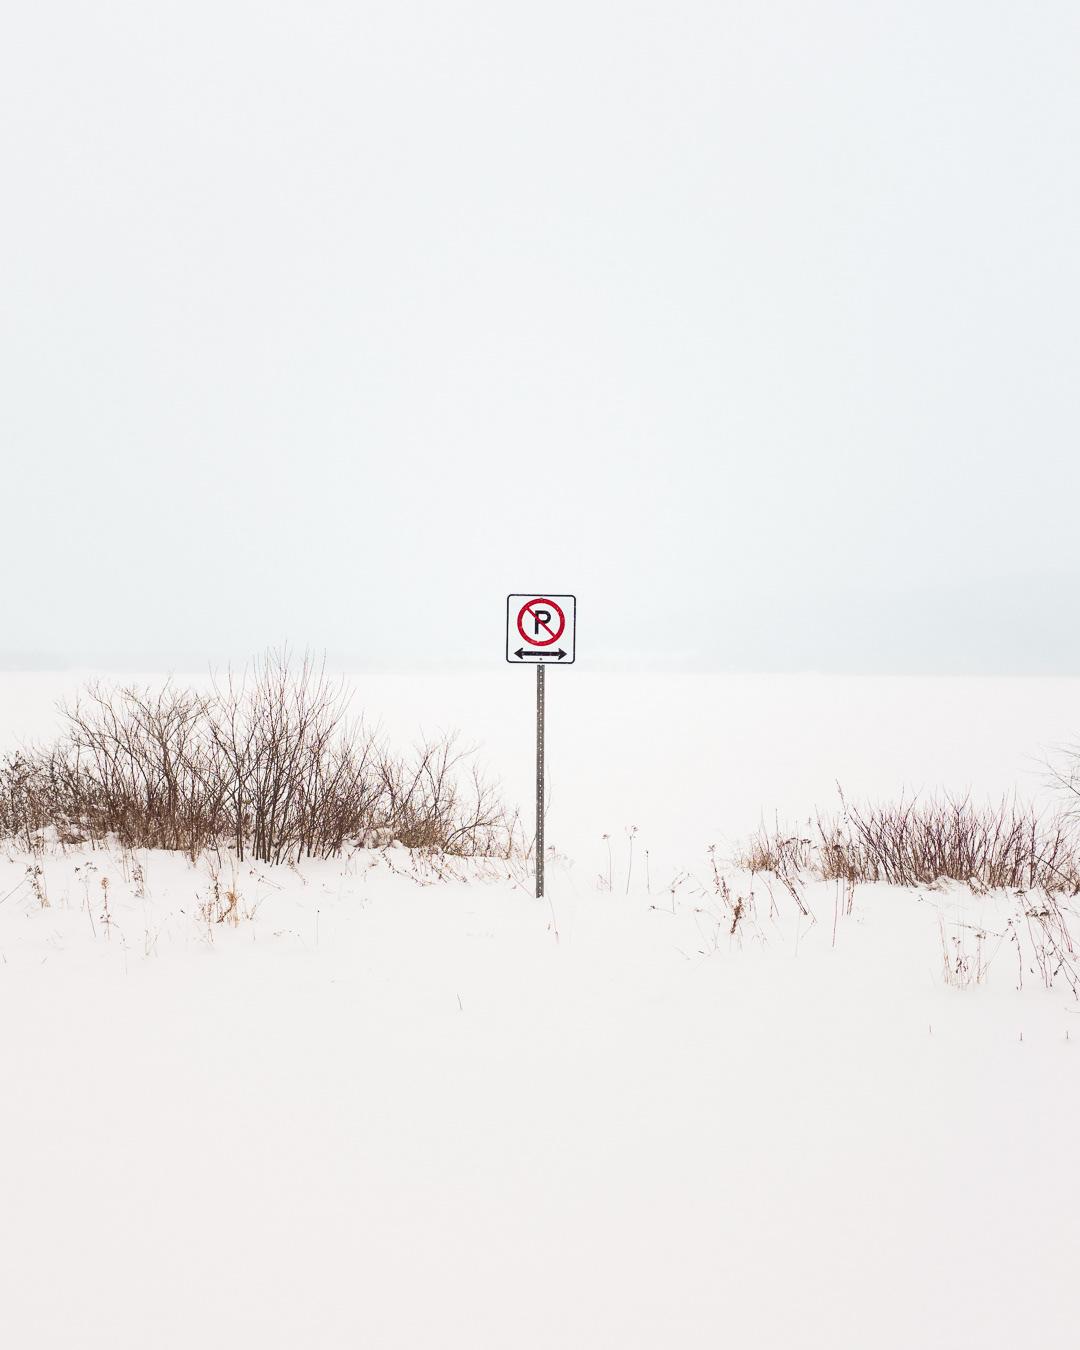 बर्फ में इशारा करना